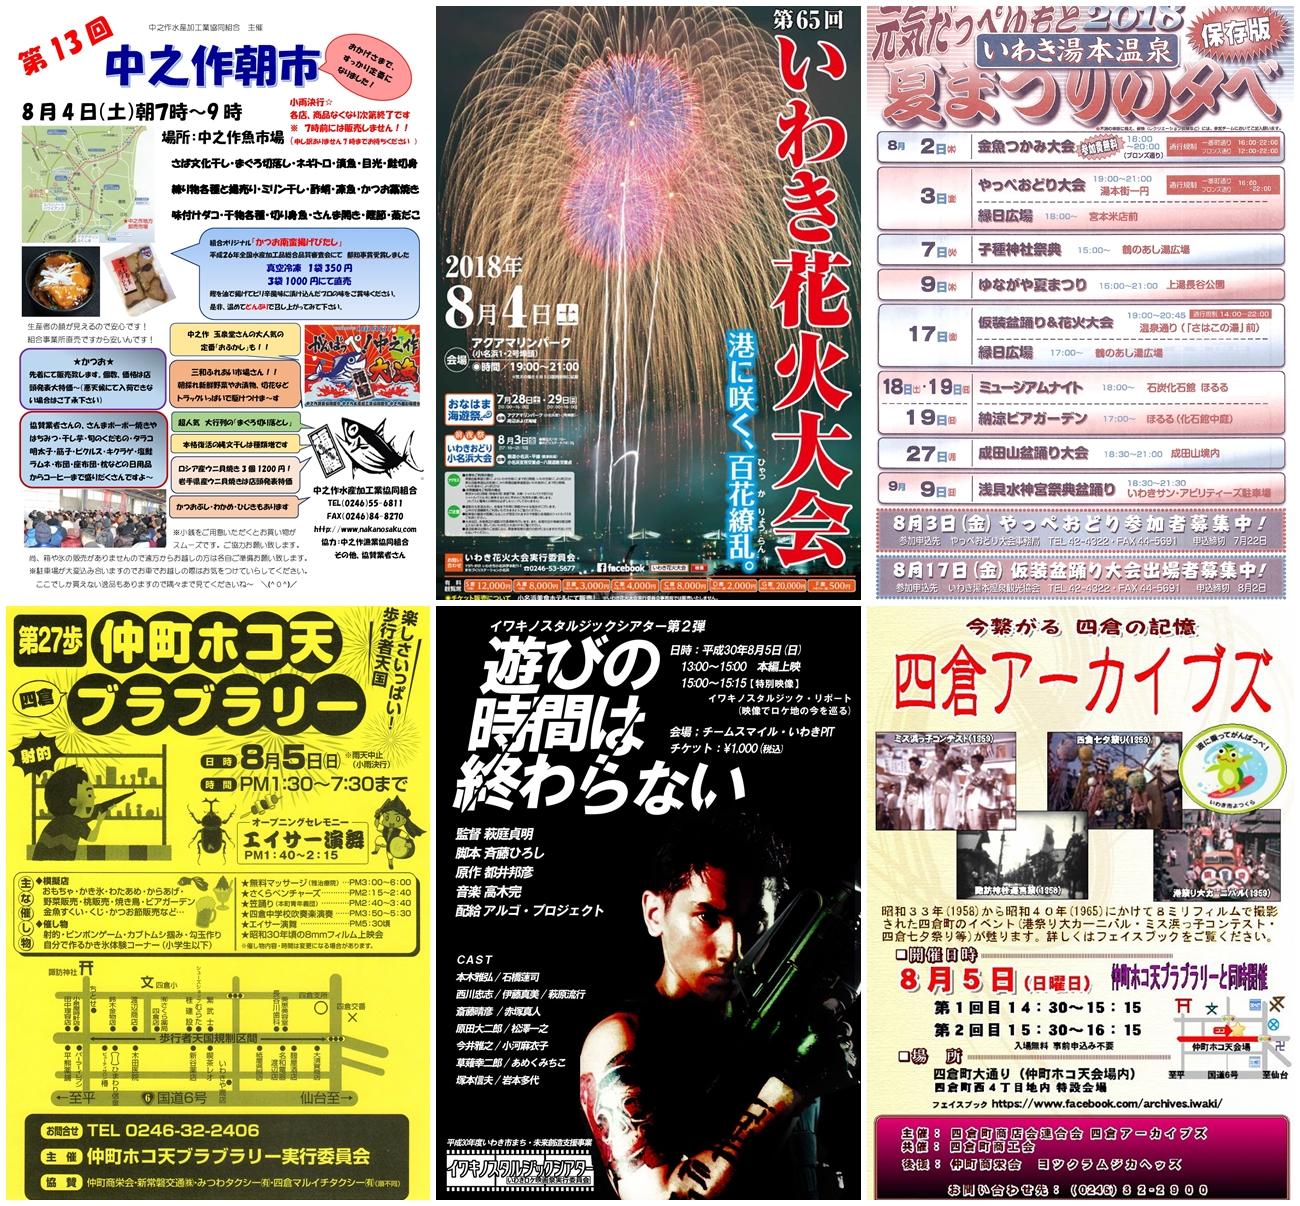 週末イベント情報 [平成30年8月1日(水)更新]